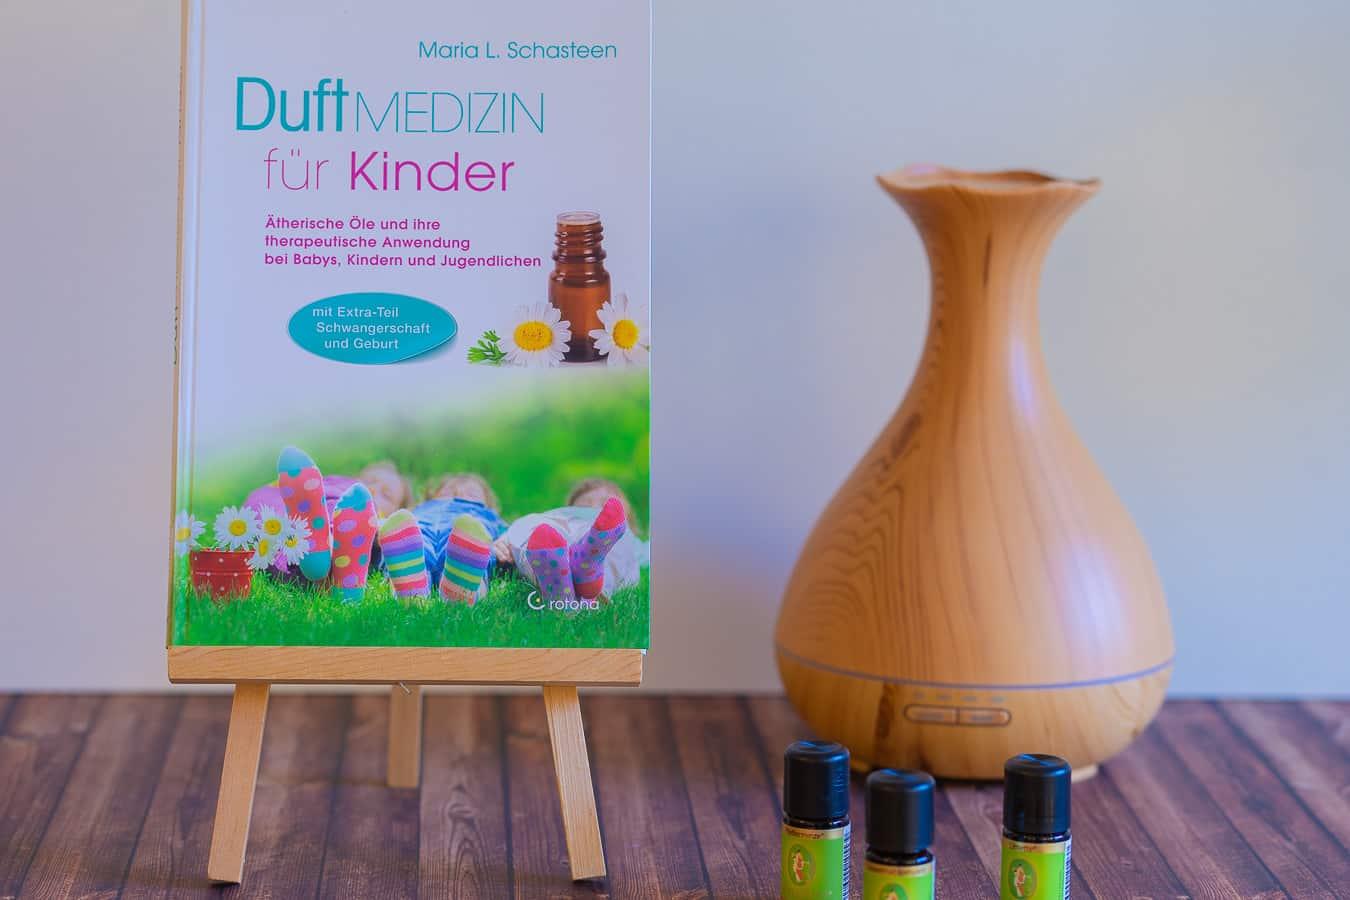 Buchempfehlung - Duftmedizin für Kinder